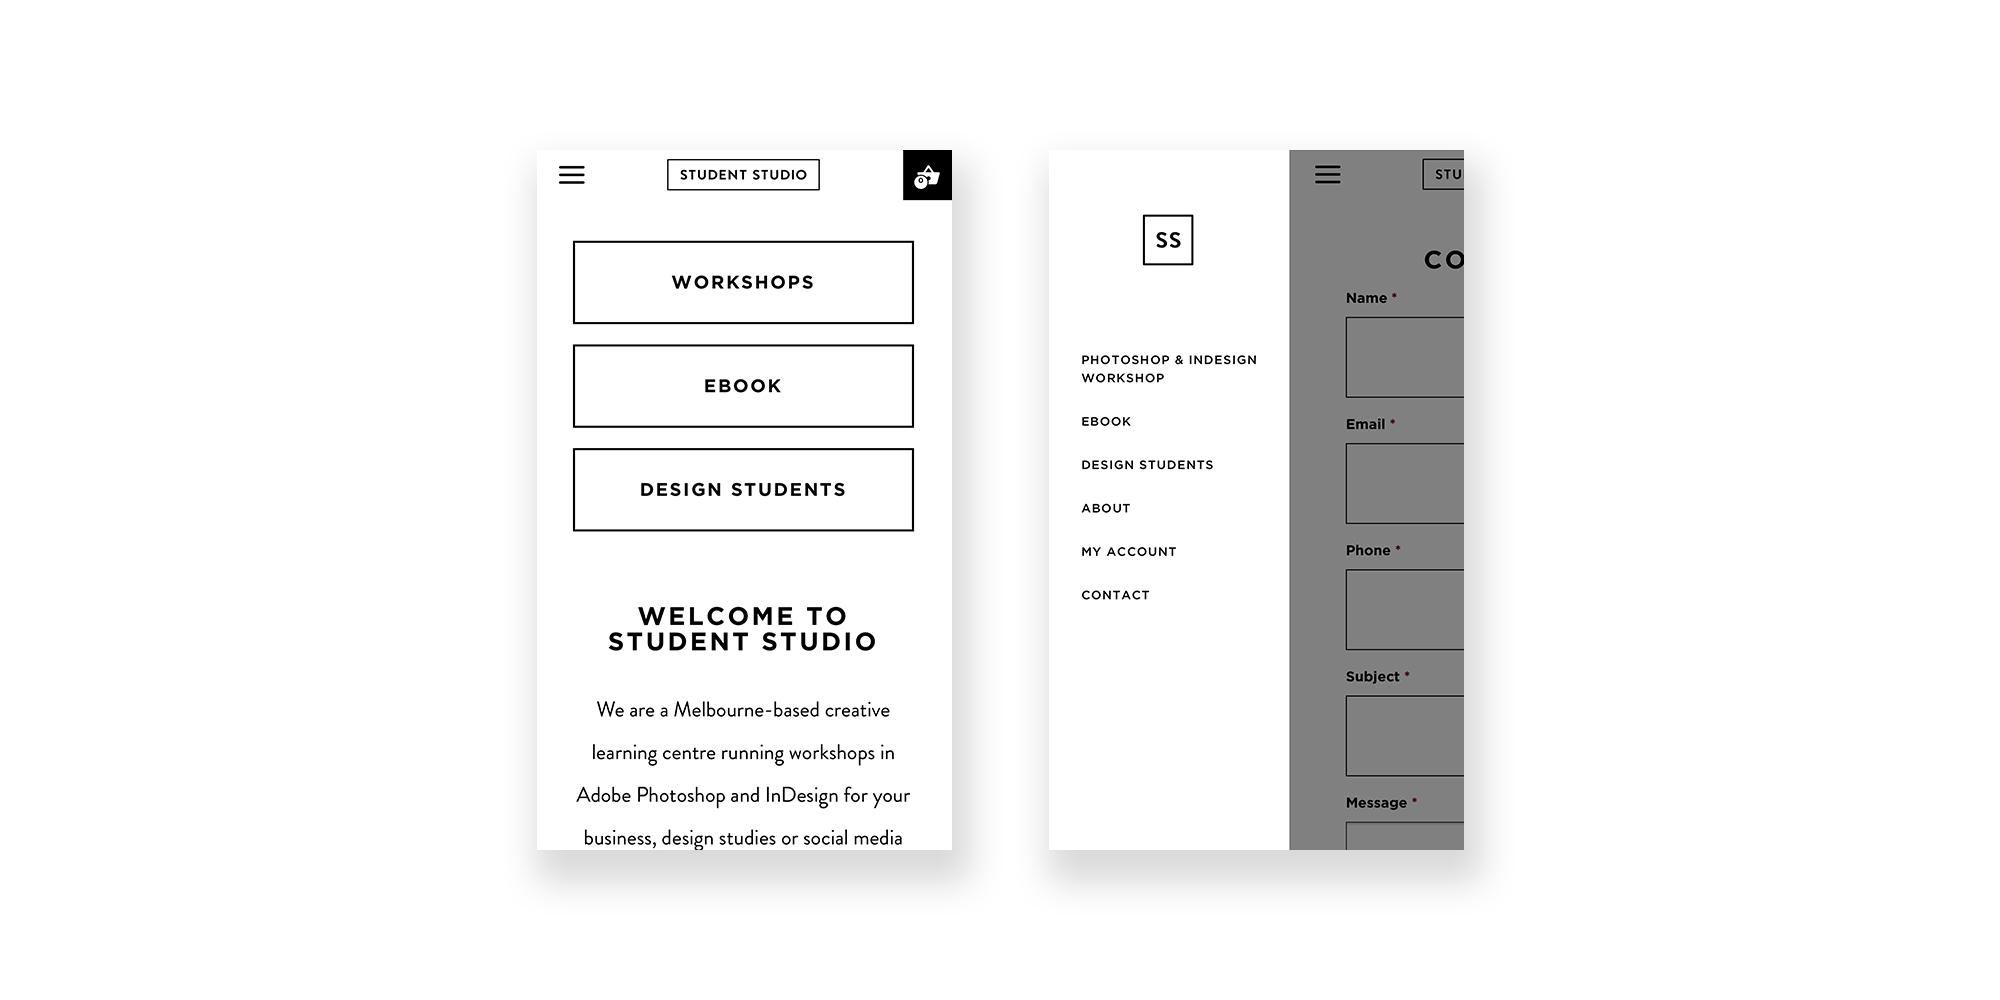 Student Studio Website